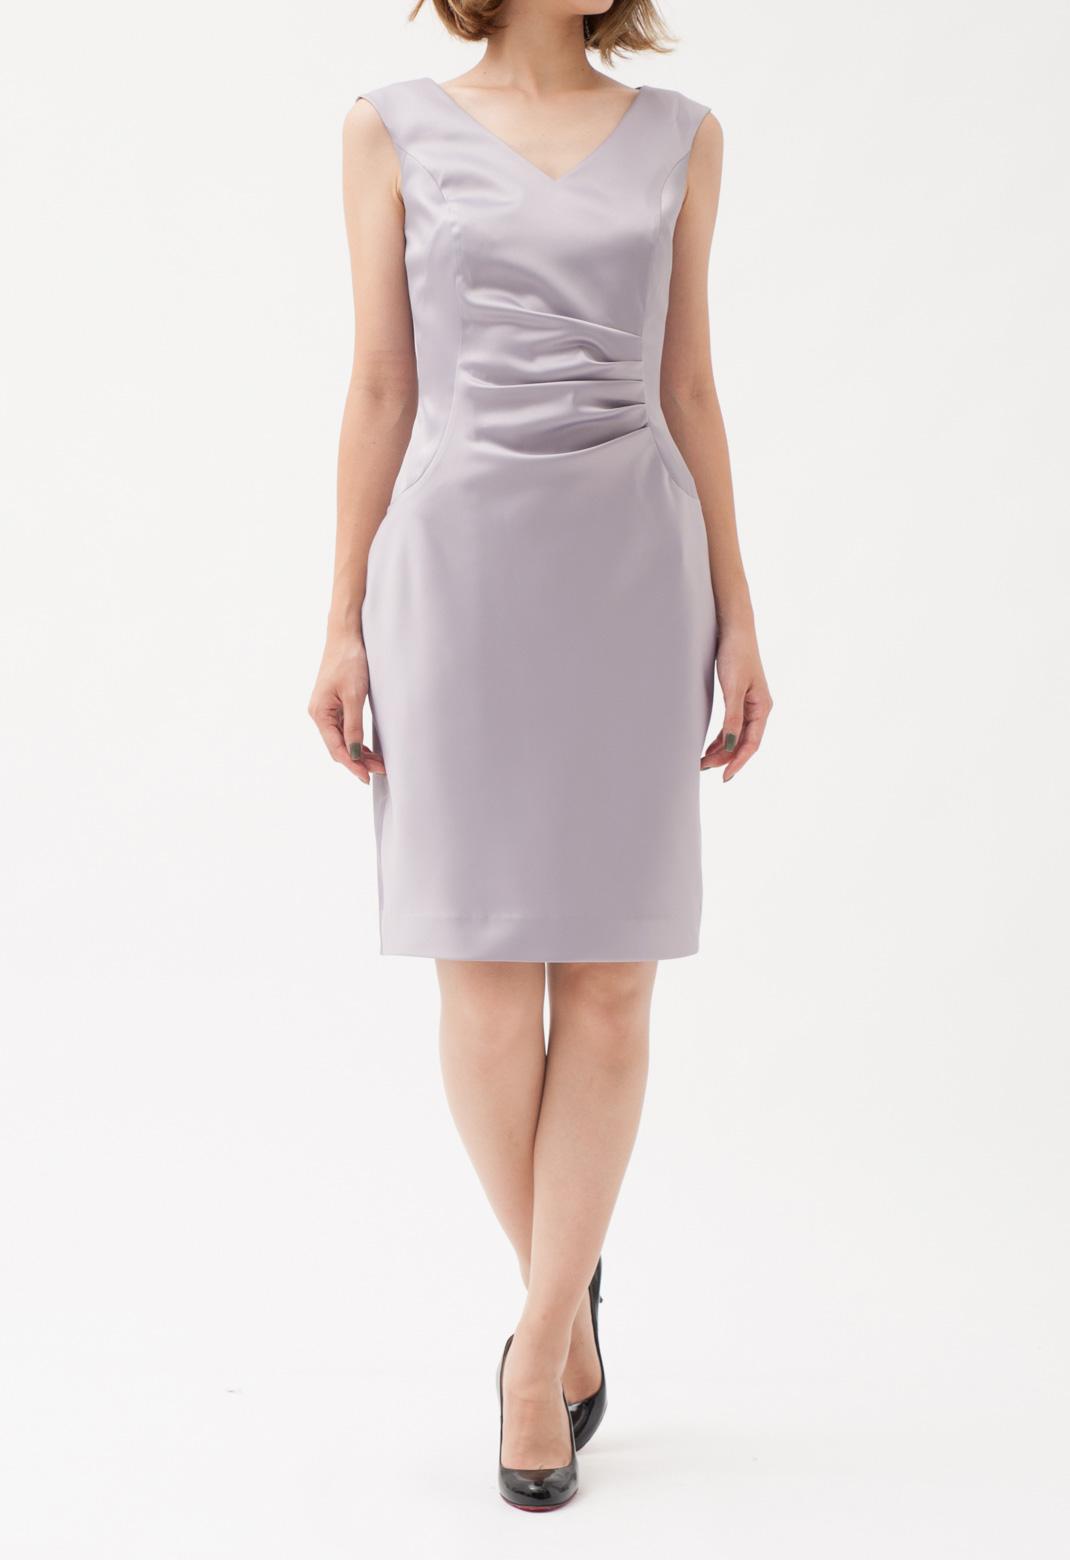 Vネック ウエストタック ノースリーブ ドレス